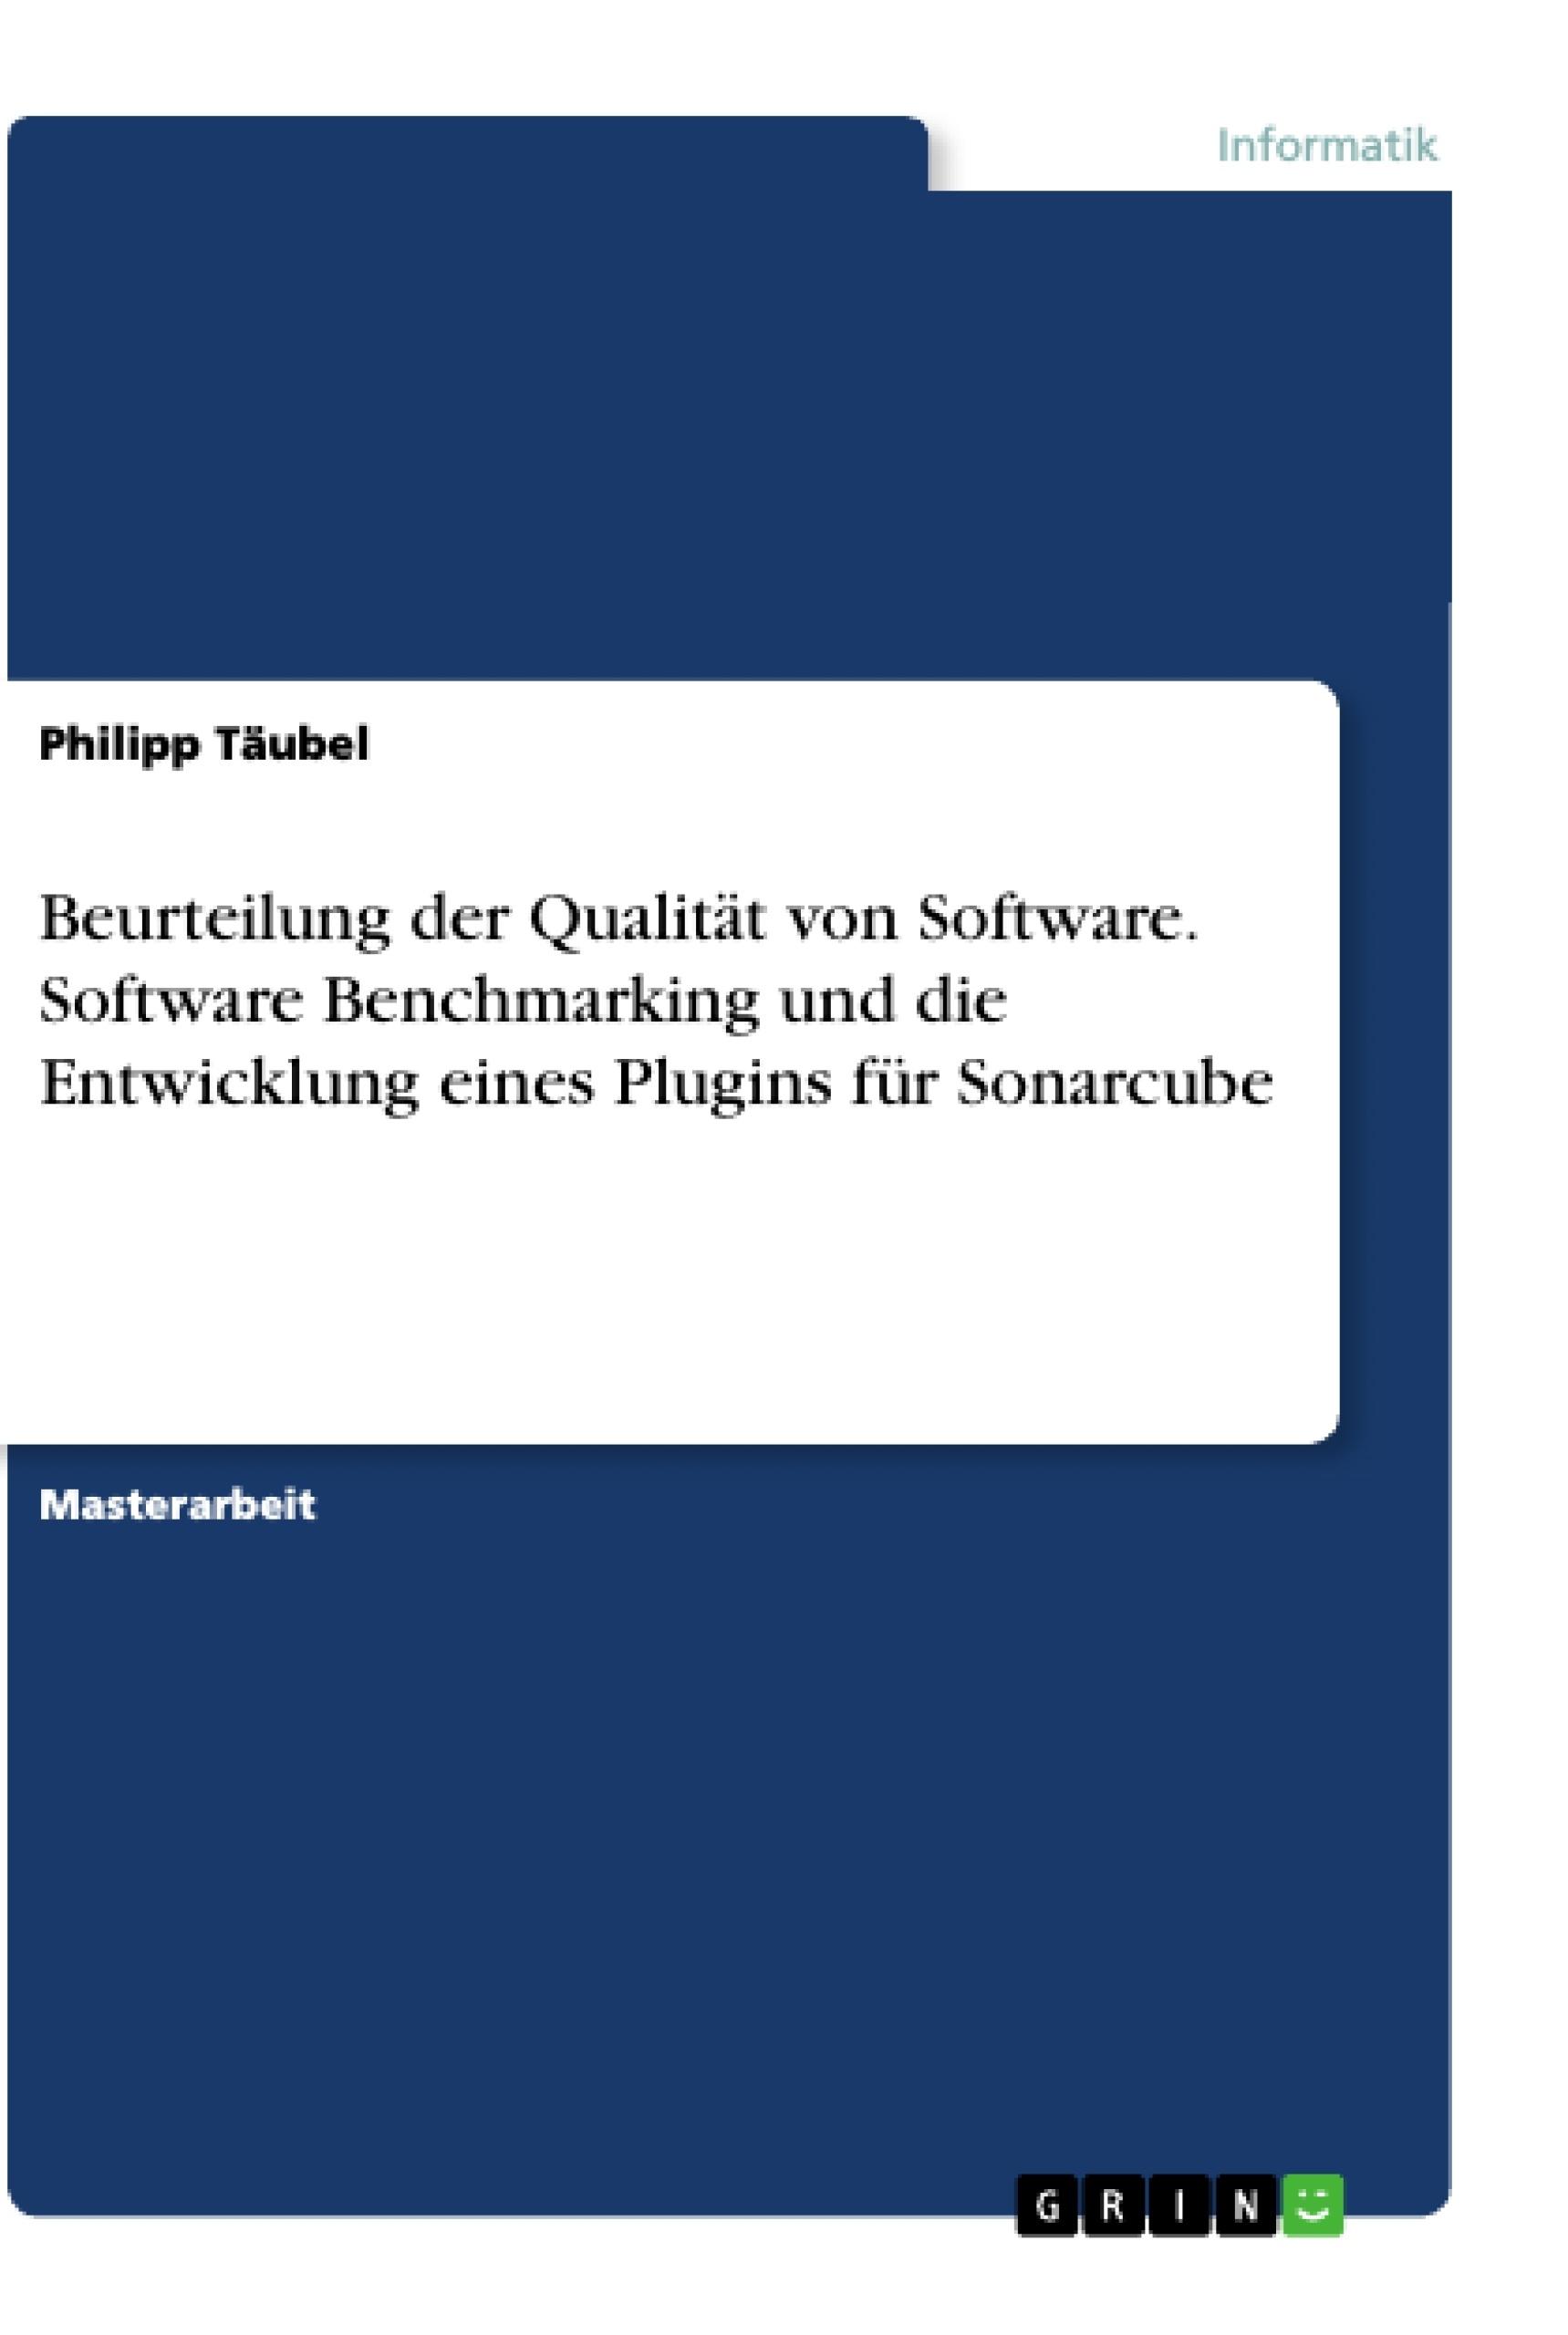 Titel: Beurteilung der Qualität von Software. Software Benchmarking und die Entwicklung eines Plugins für Sonarcube